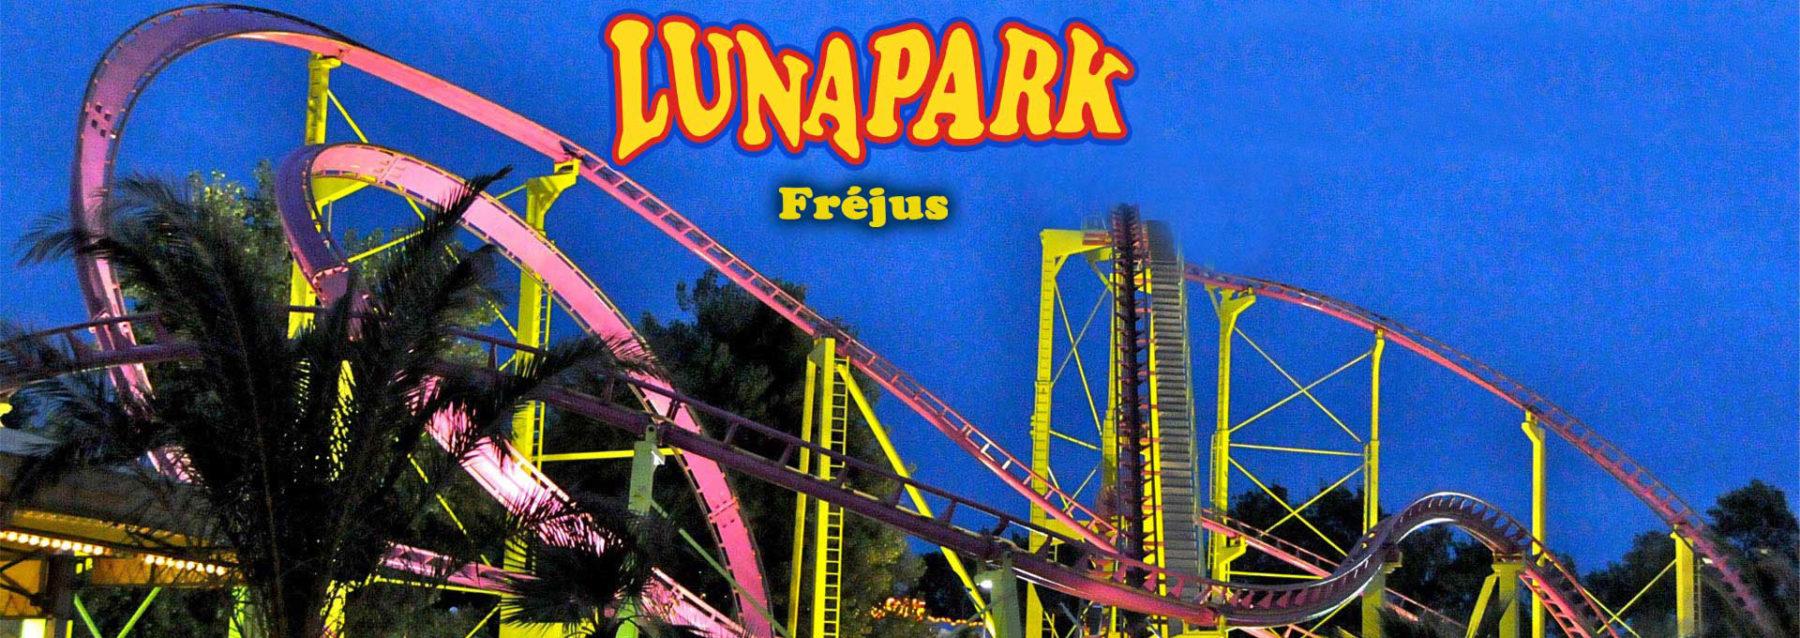 Parc d'attractions incontournable de Fréjus, Luna Park